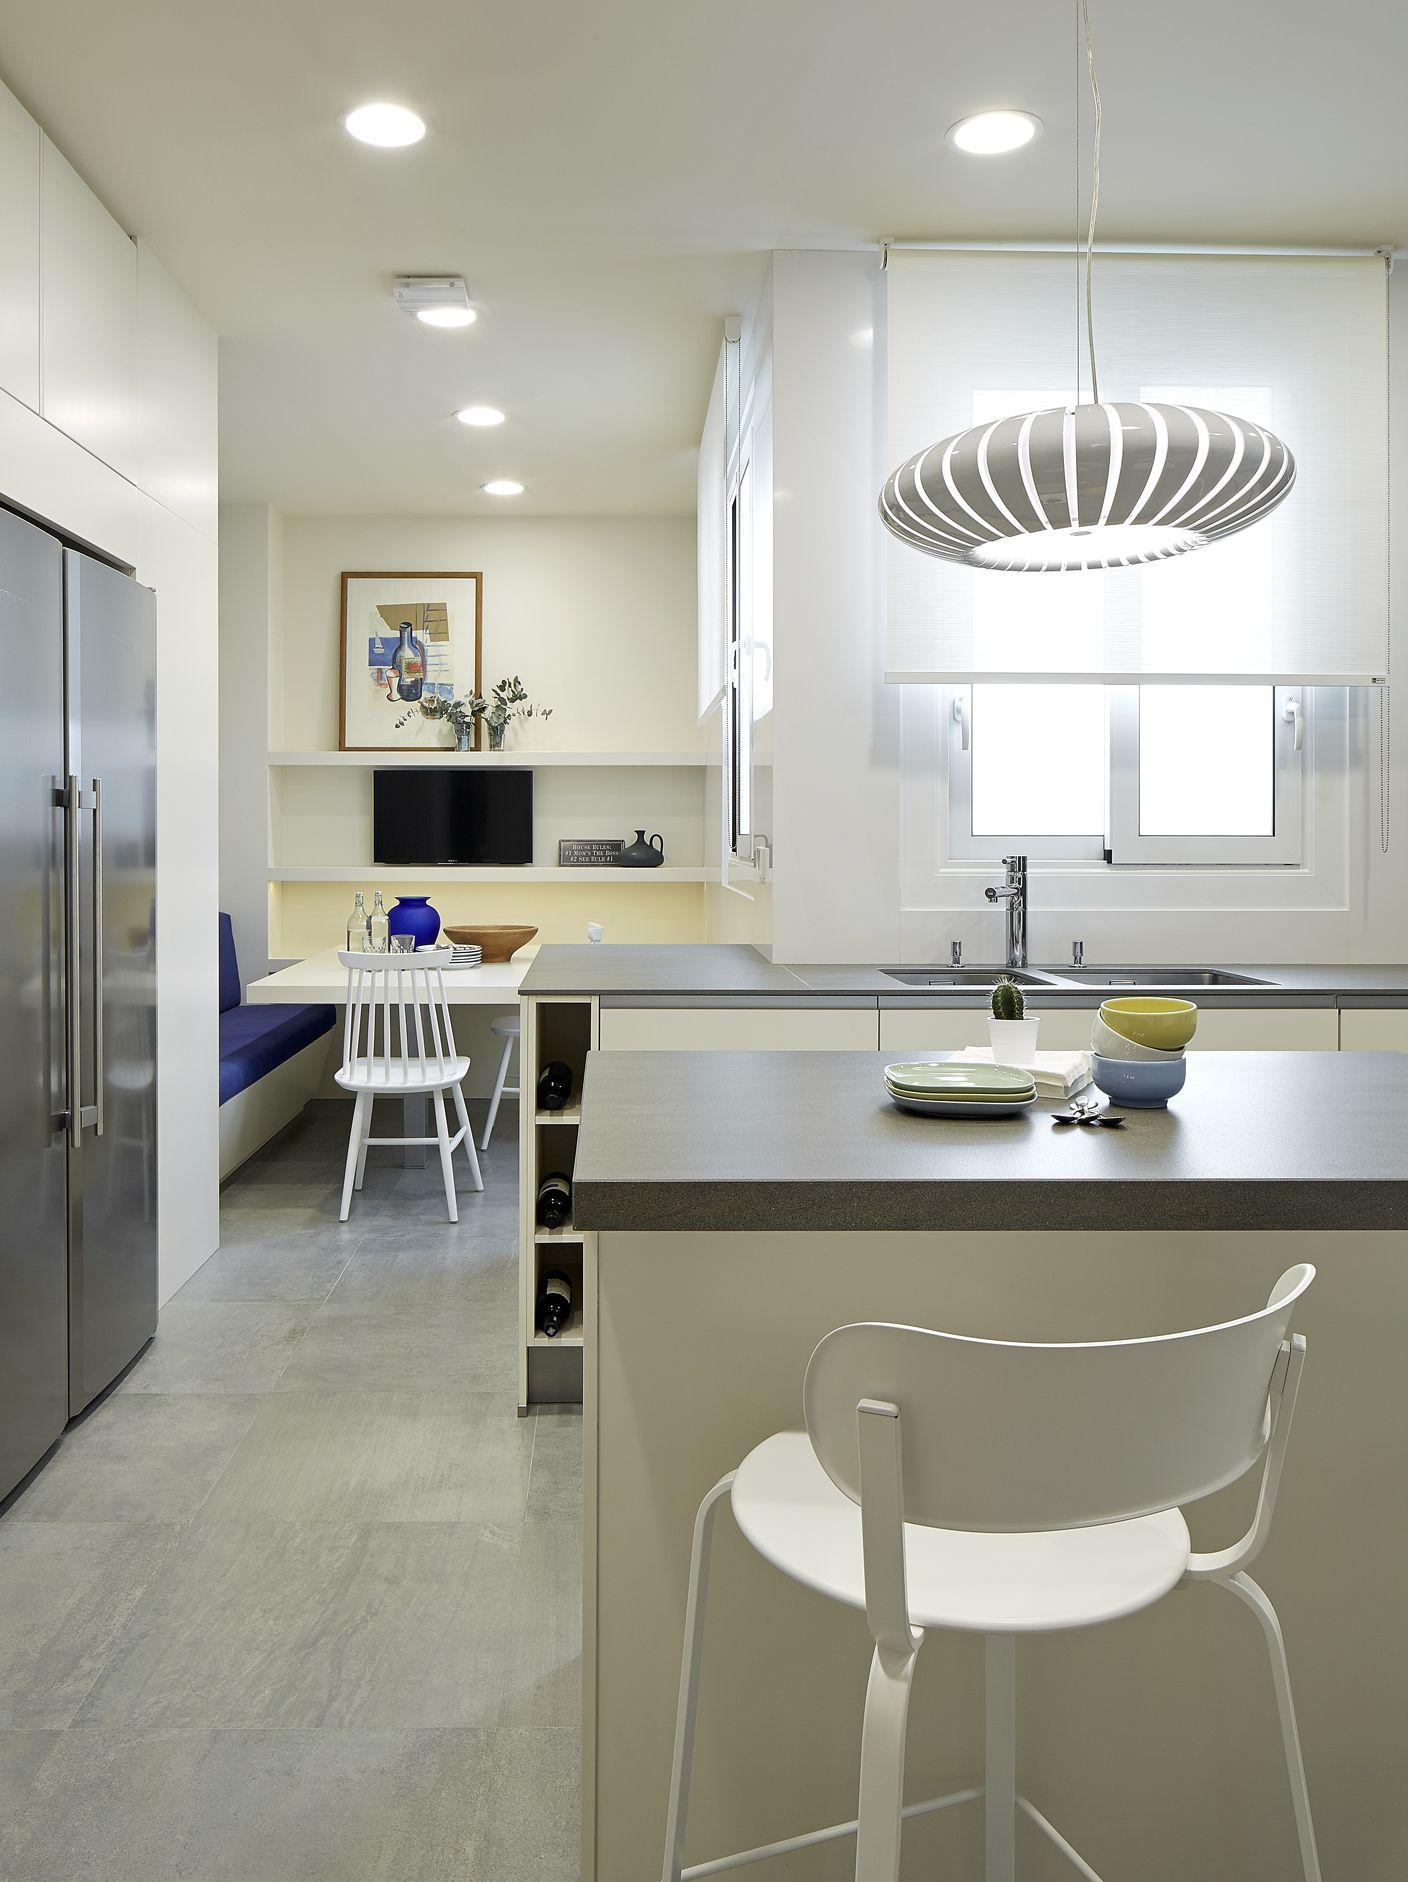 Molins interiors arquitectura interior interiorismo for Banco rinconera cocina blanco